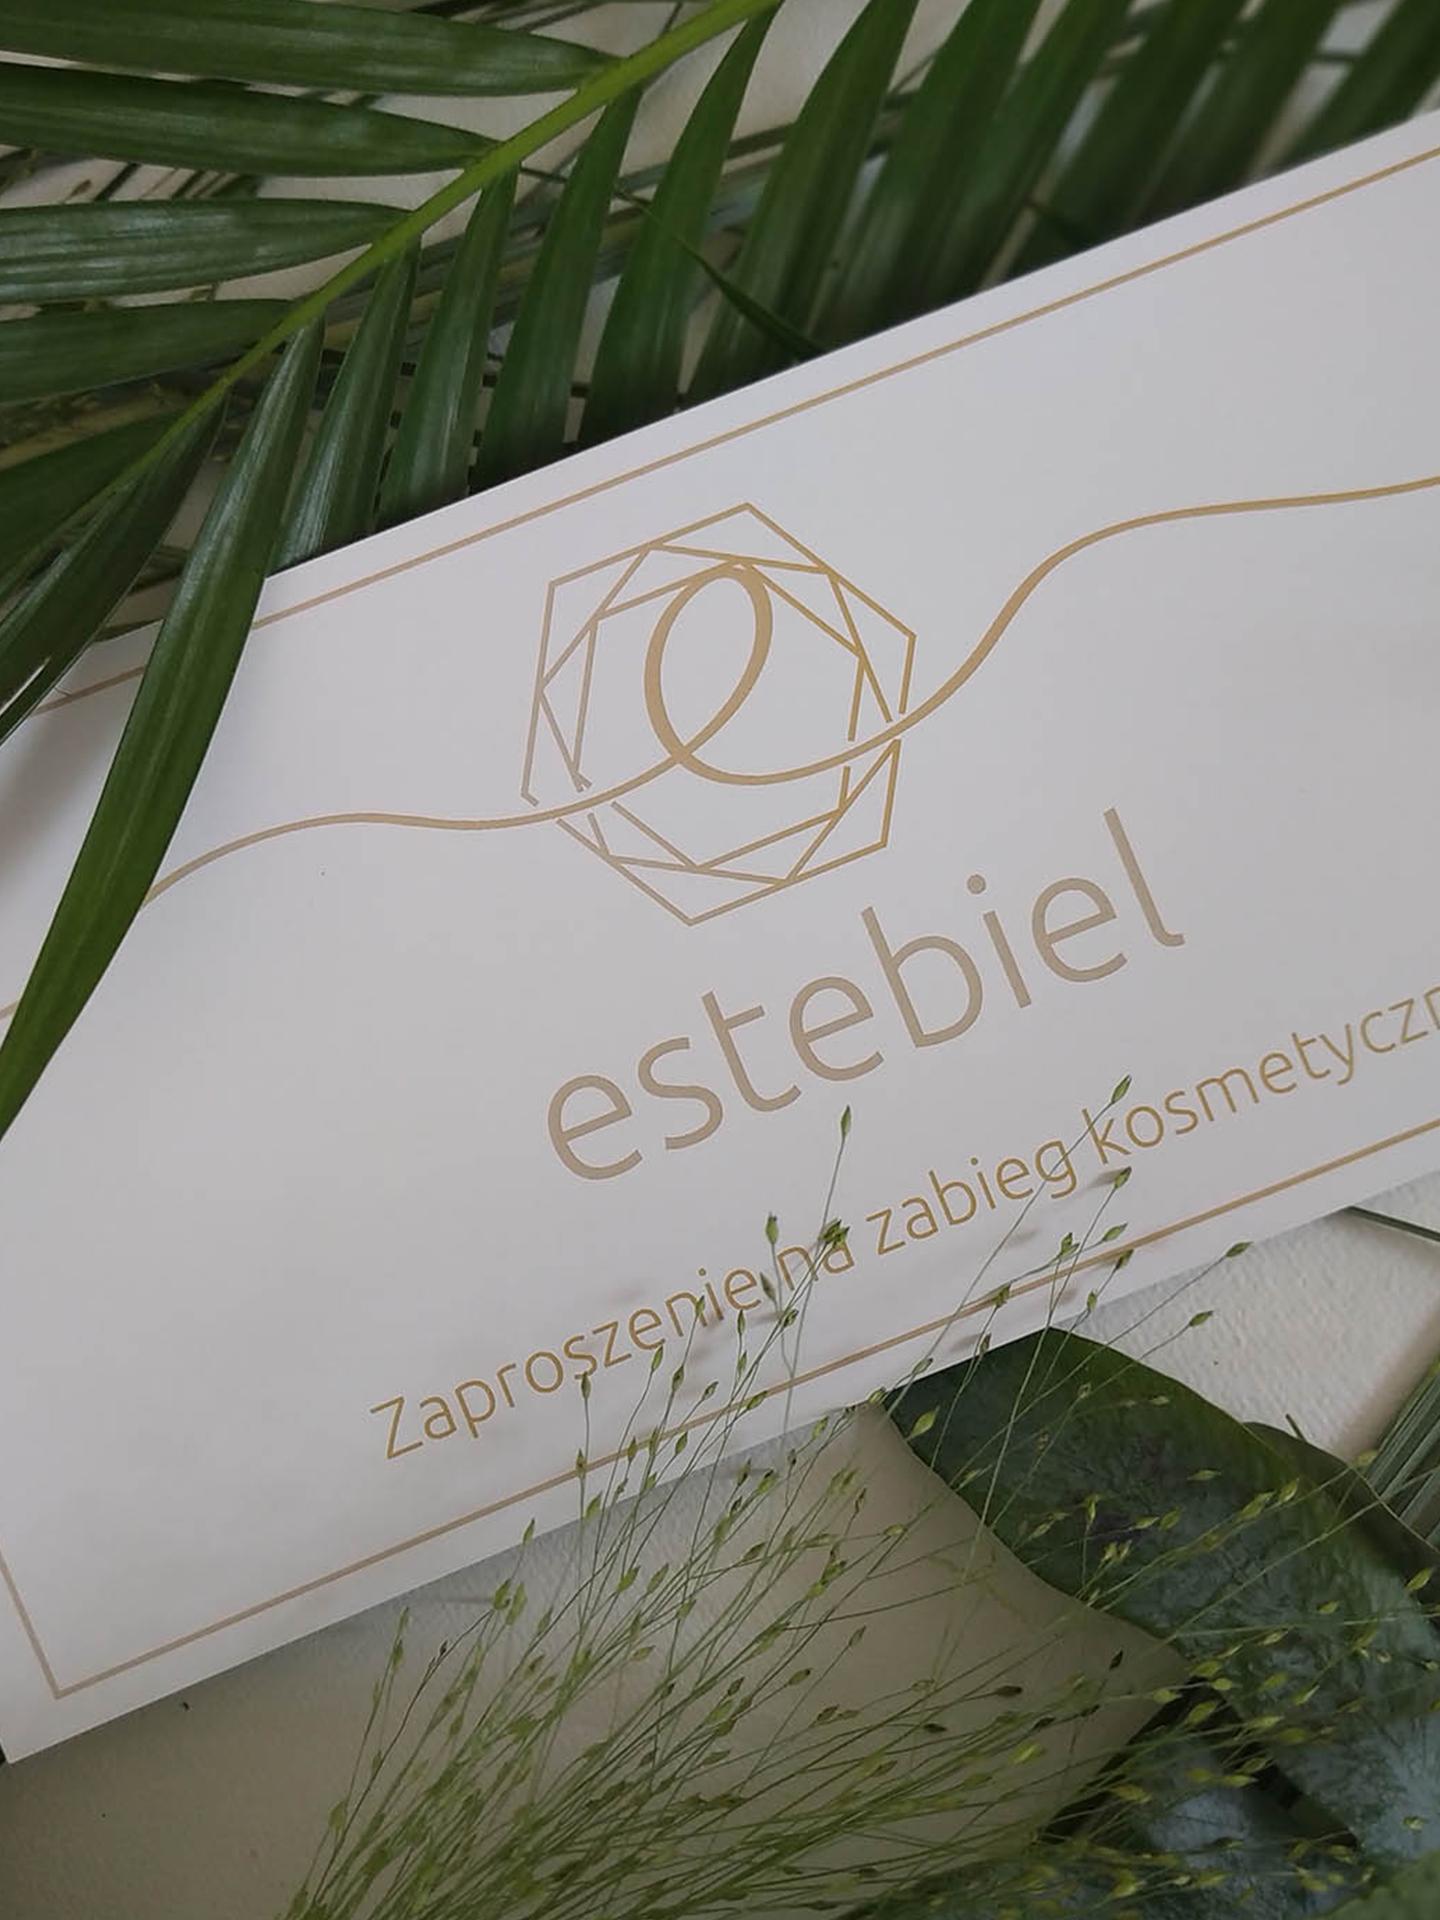 gabinet-kosmetyczny-estebiel14-1